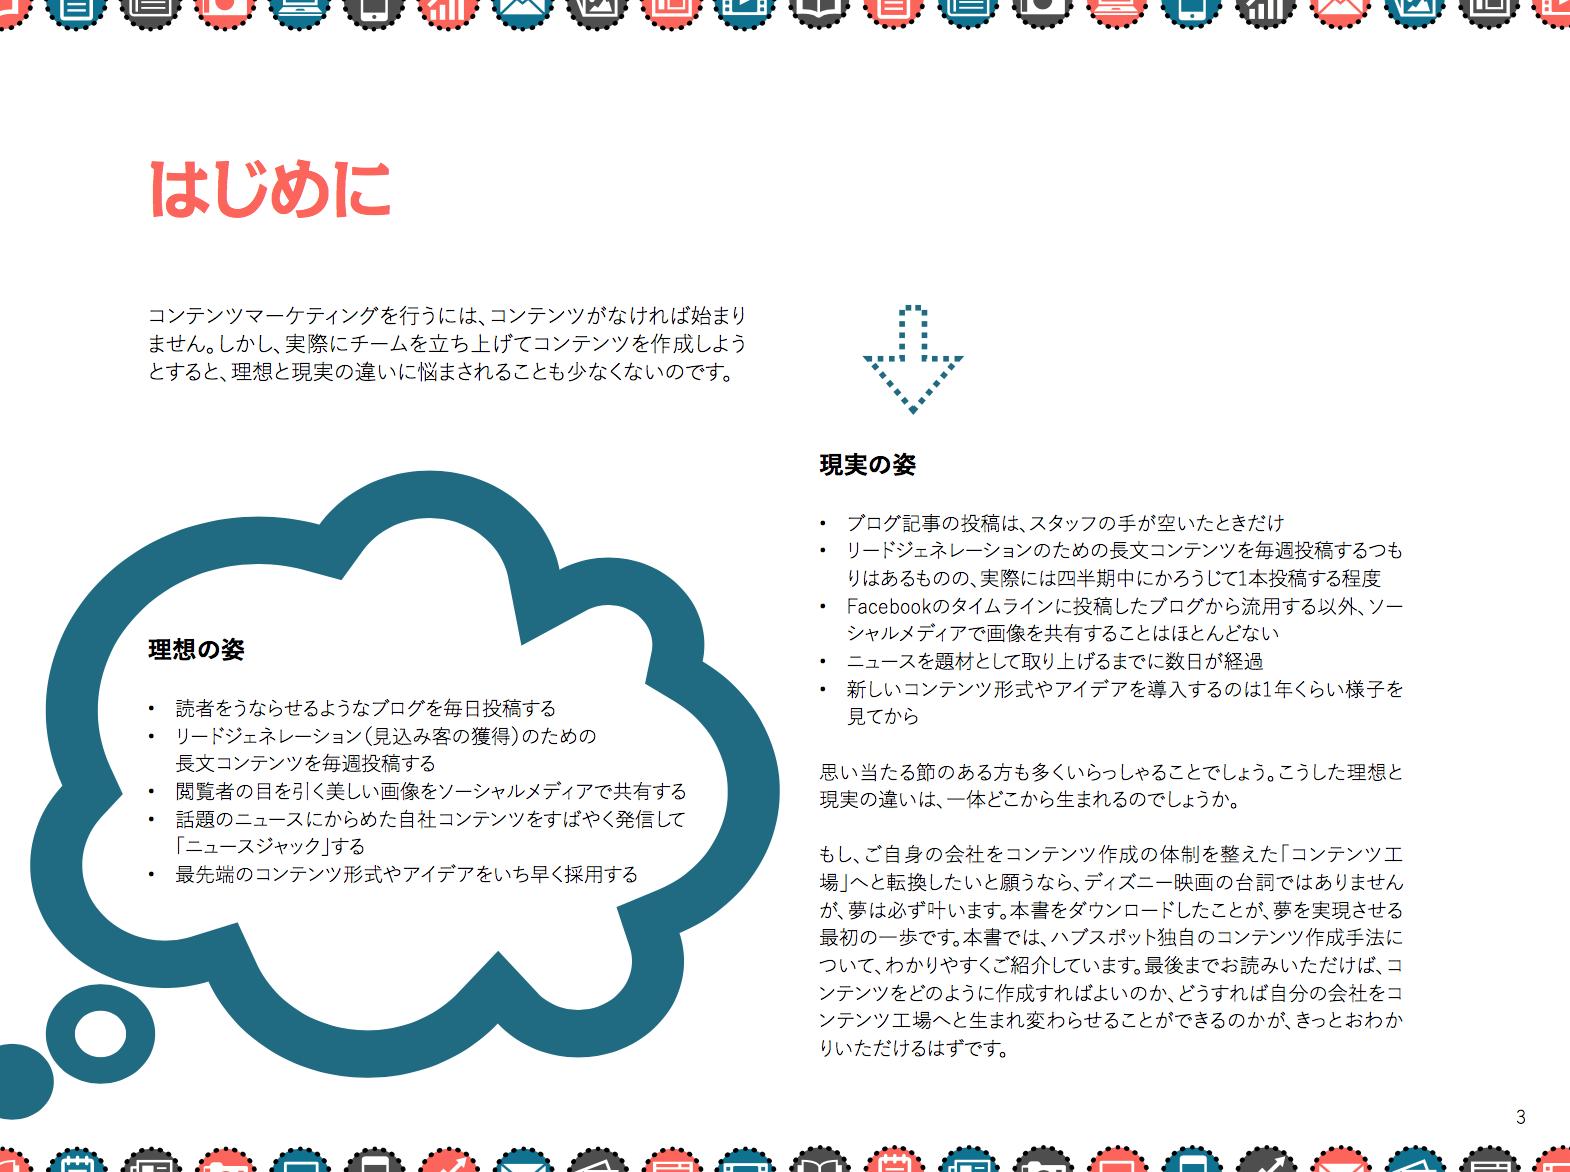 コンテンツマーケティングを活用する方法と入門の仕方を解説した無料ガイドはこちらからダウンロードできます。